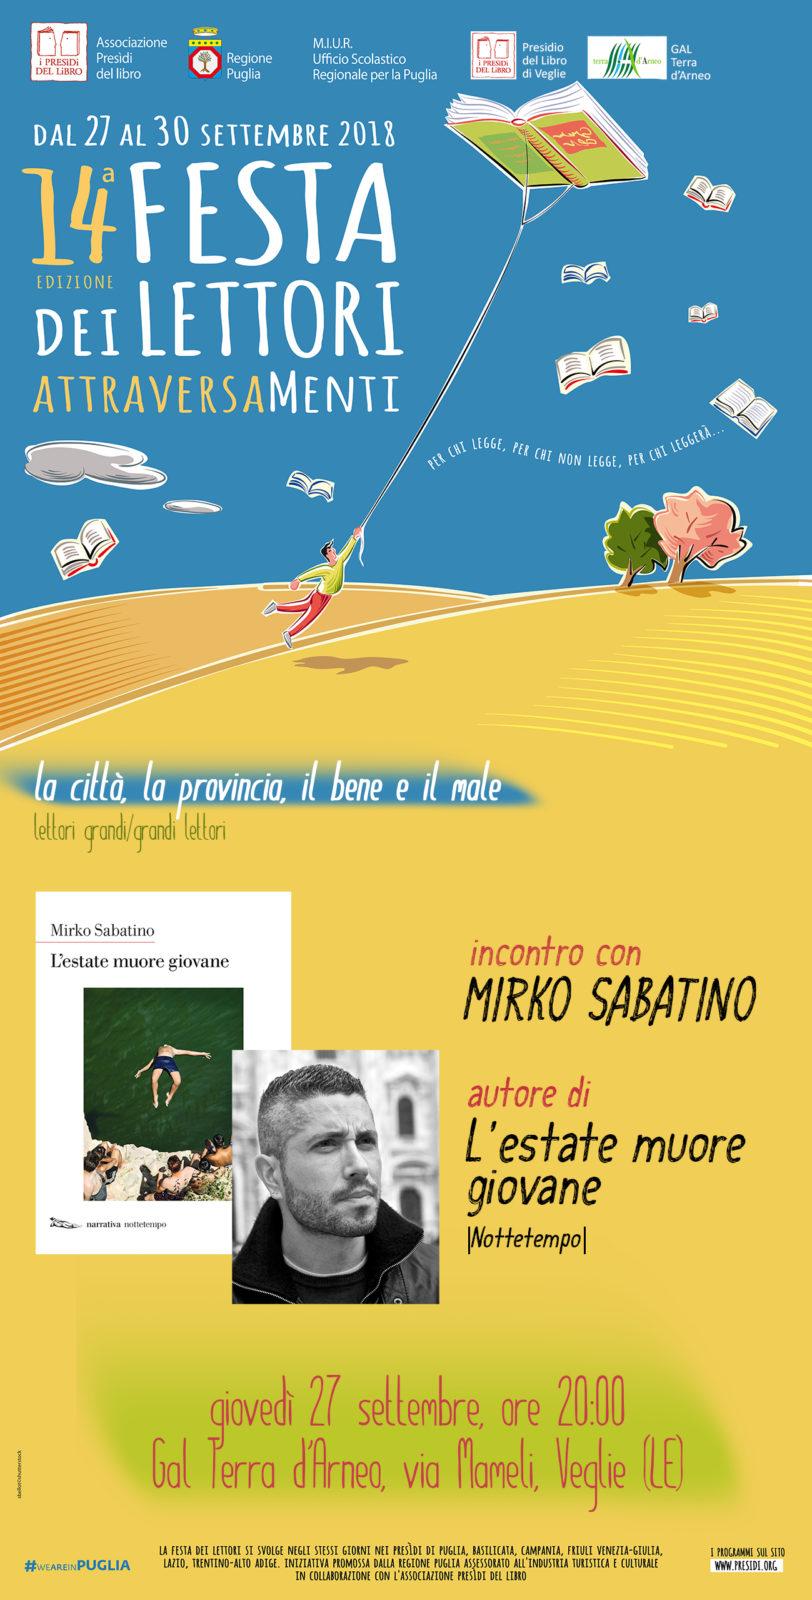 Lo scrittore Mirko Sabatino a Veglie per raccontare la provincia pugliese degli anni Sessanta in occasione della Festa dei Lettori